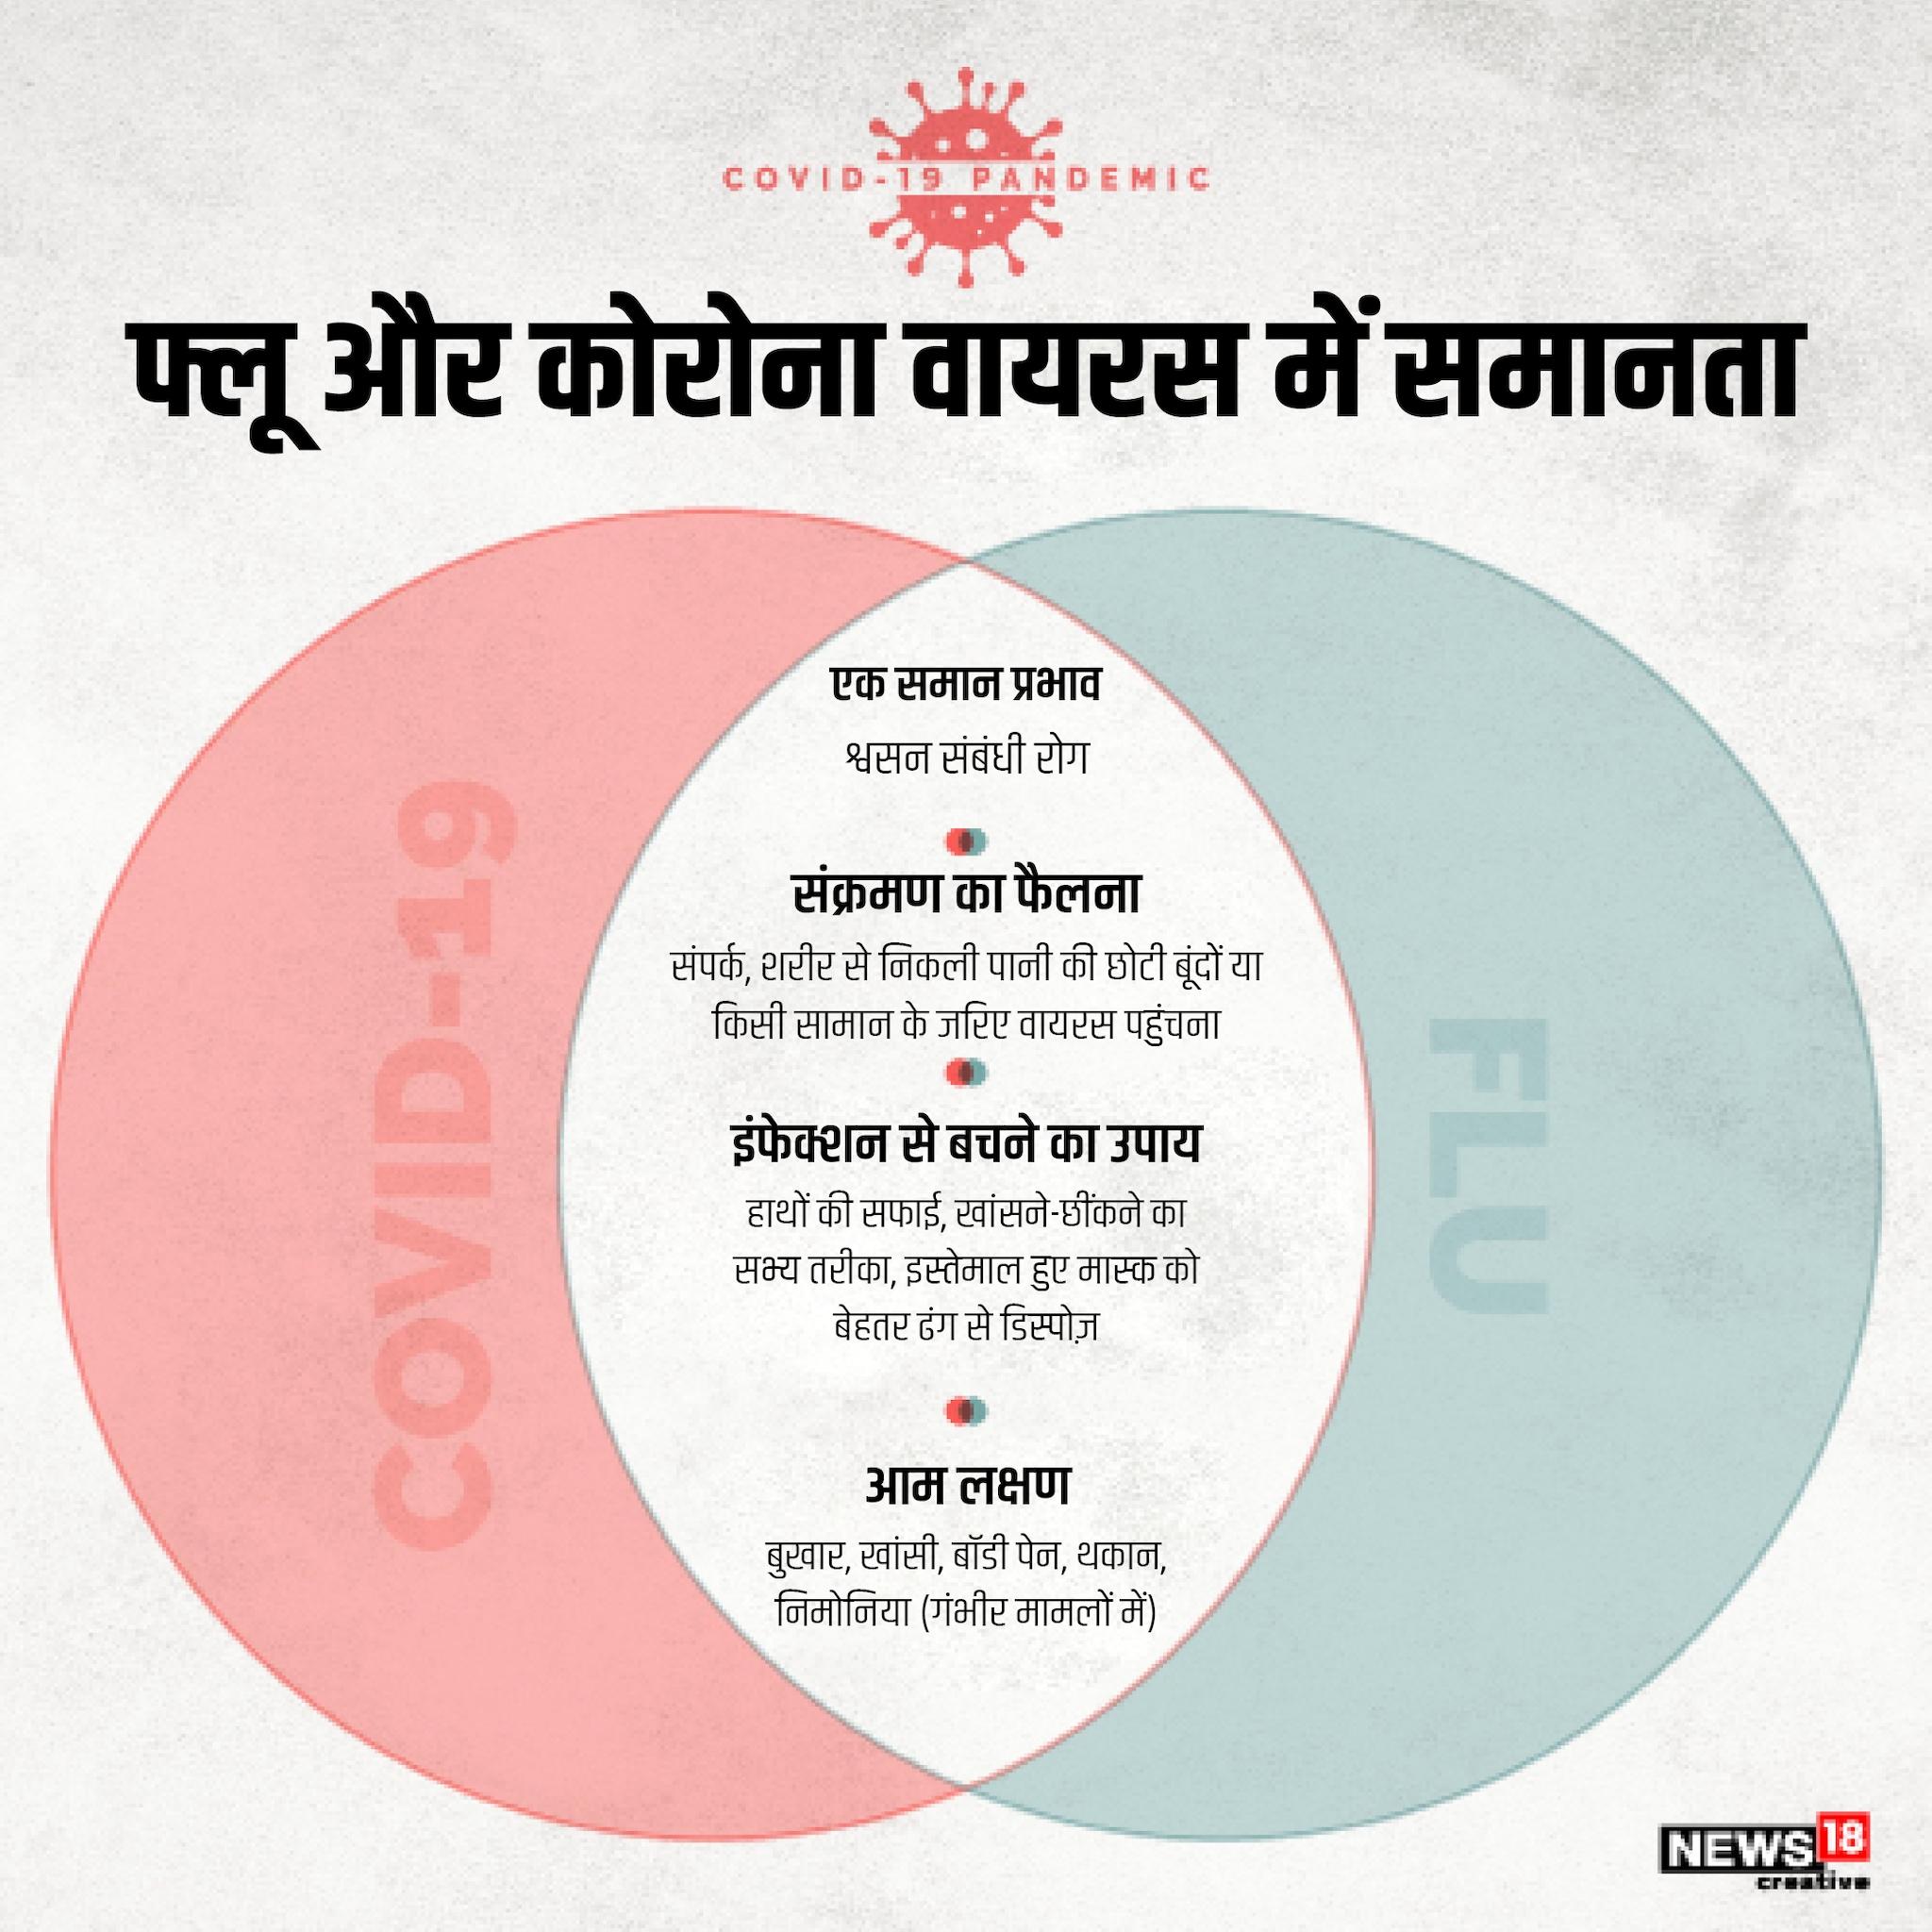 कोरोना और दूसरे वायरसों में कई तरह की समानताएं हैं. दोनों श्वसन संबंधी रोग होते हैं. इनके संक्रमण फैलने का तरीका भी एक सा है. फ्लू और संक्रमण दोनों के इंफेक्शन से बचने का तरीका भी एक है, साफ-सफाई.